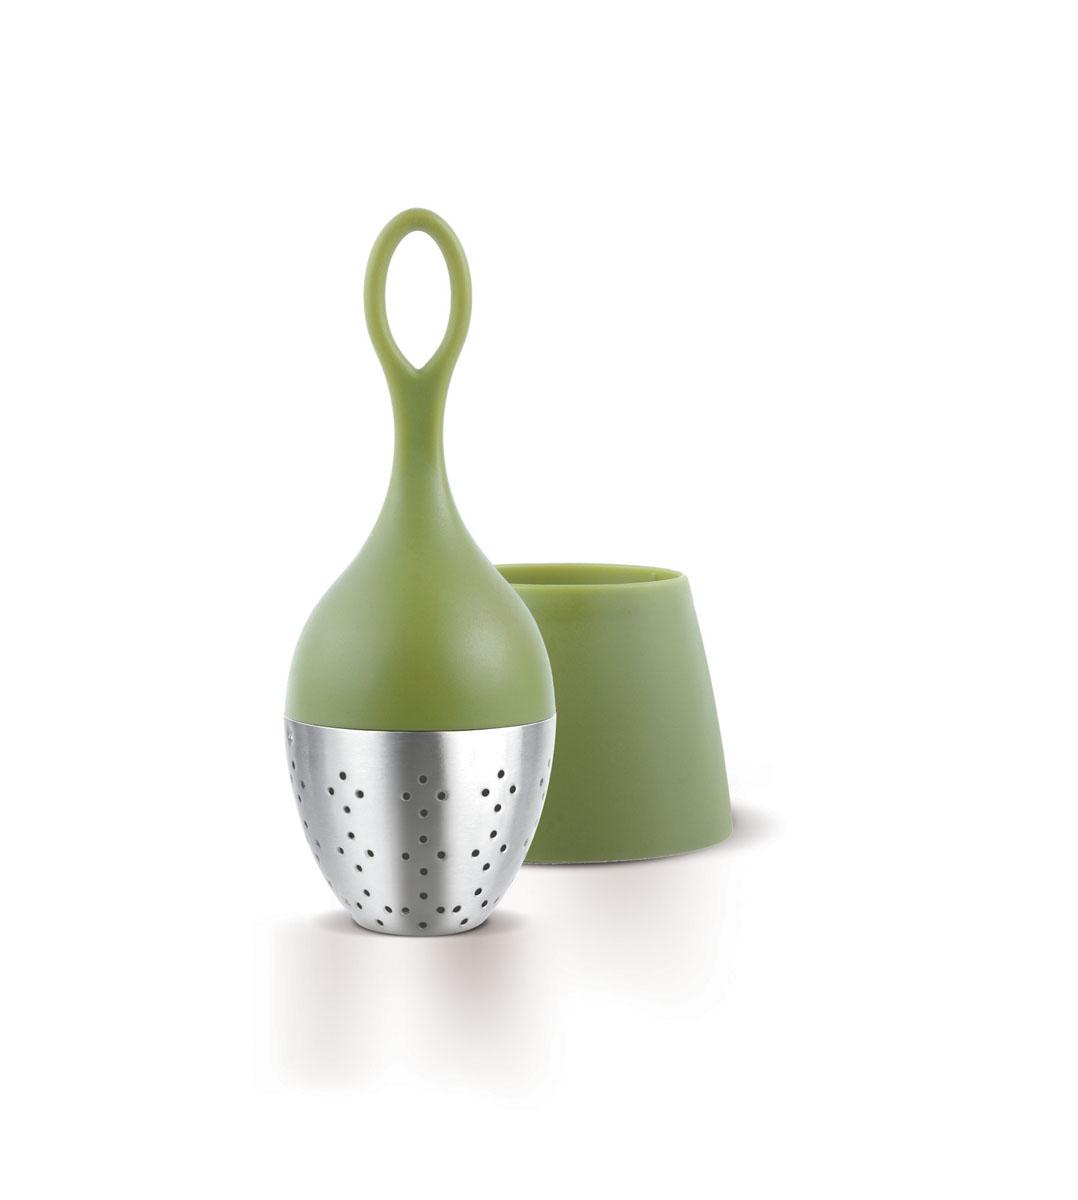 """Благодаря отлично сбалансированной форме и весу, ситечко  для заваривания чая """"AdHoc"""" плавает на поверхности и может  быть легко удалено из чашки. Изделие выполнено из  высококачественного пластика и нержавеющей стали. После  заваривания устанавливается в подставку, где собираются  последние капли. Размер ситечка: 4 х 4 х 11 см. Размер подставки: 6 х 6 х 4,5 см."""